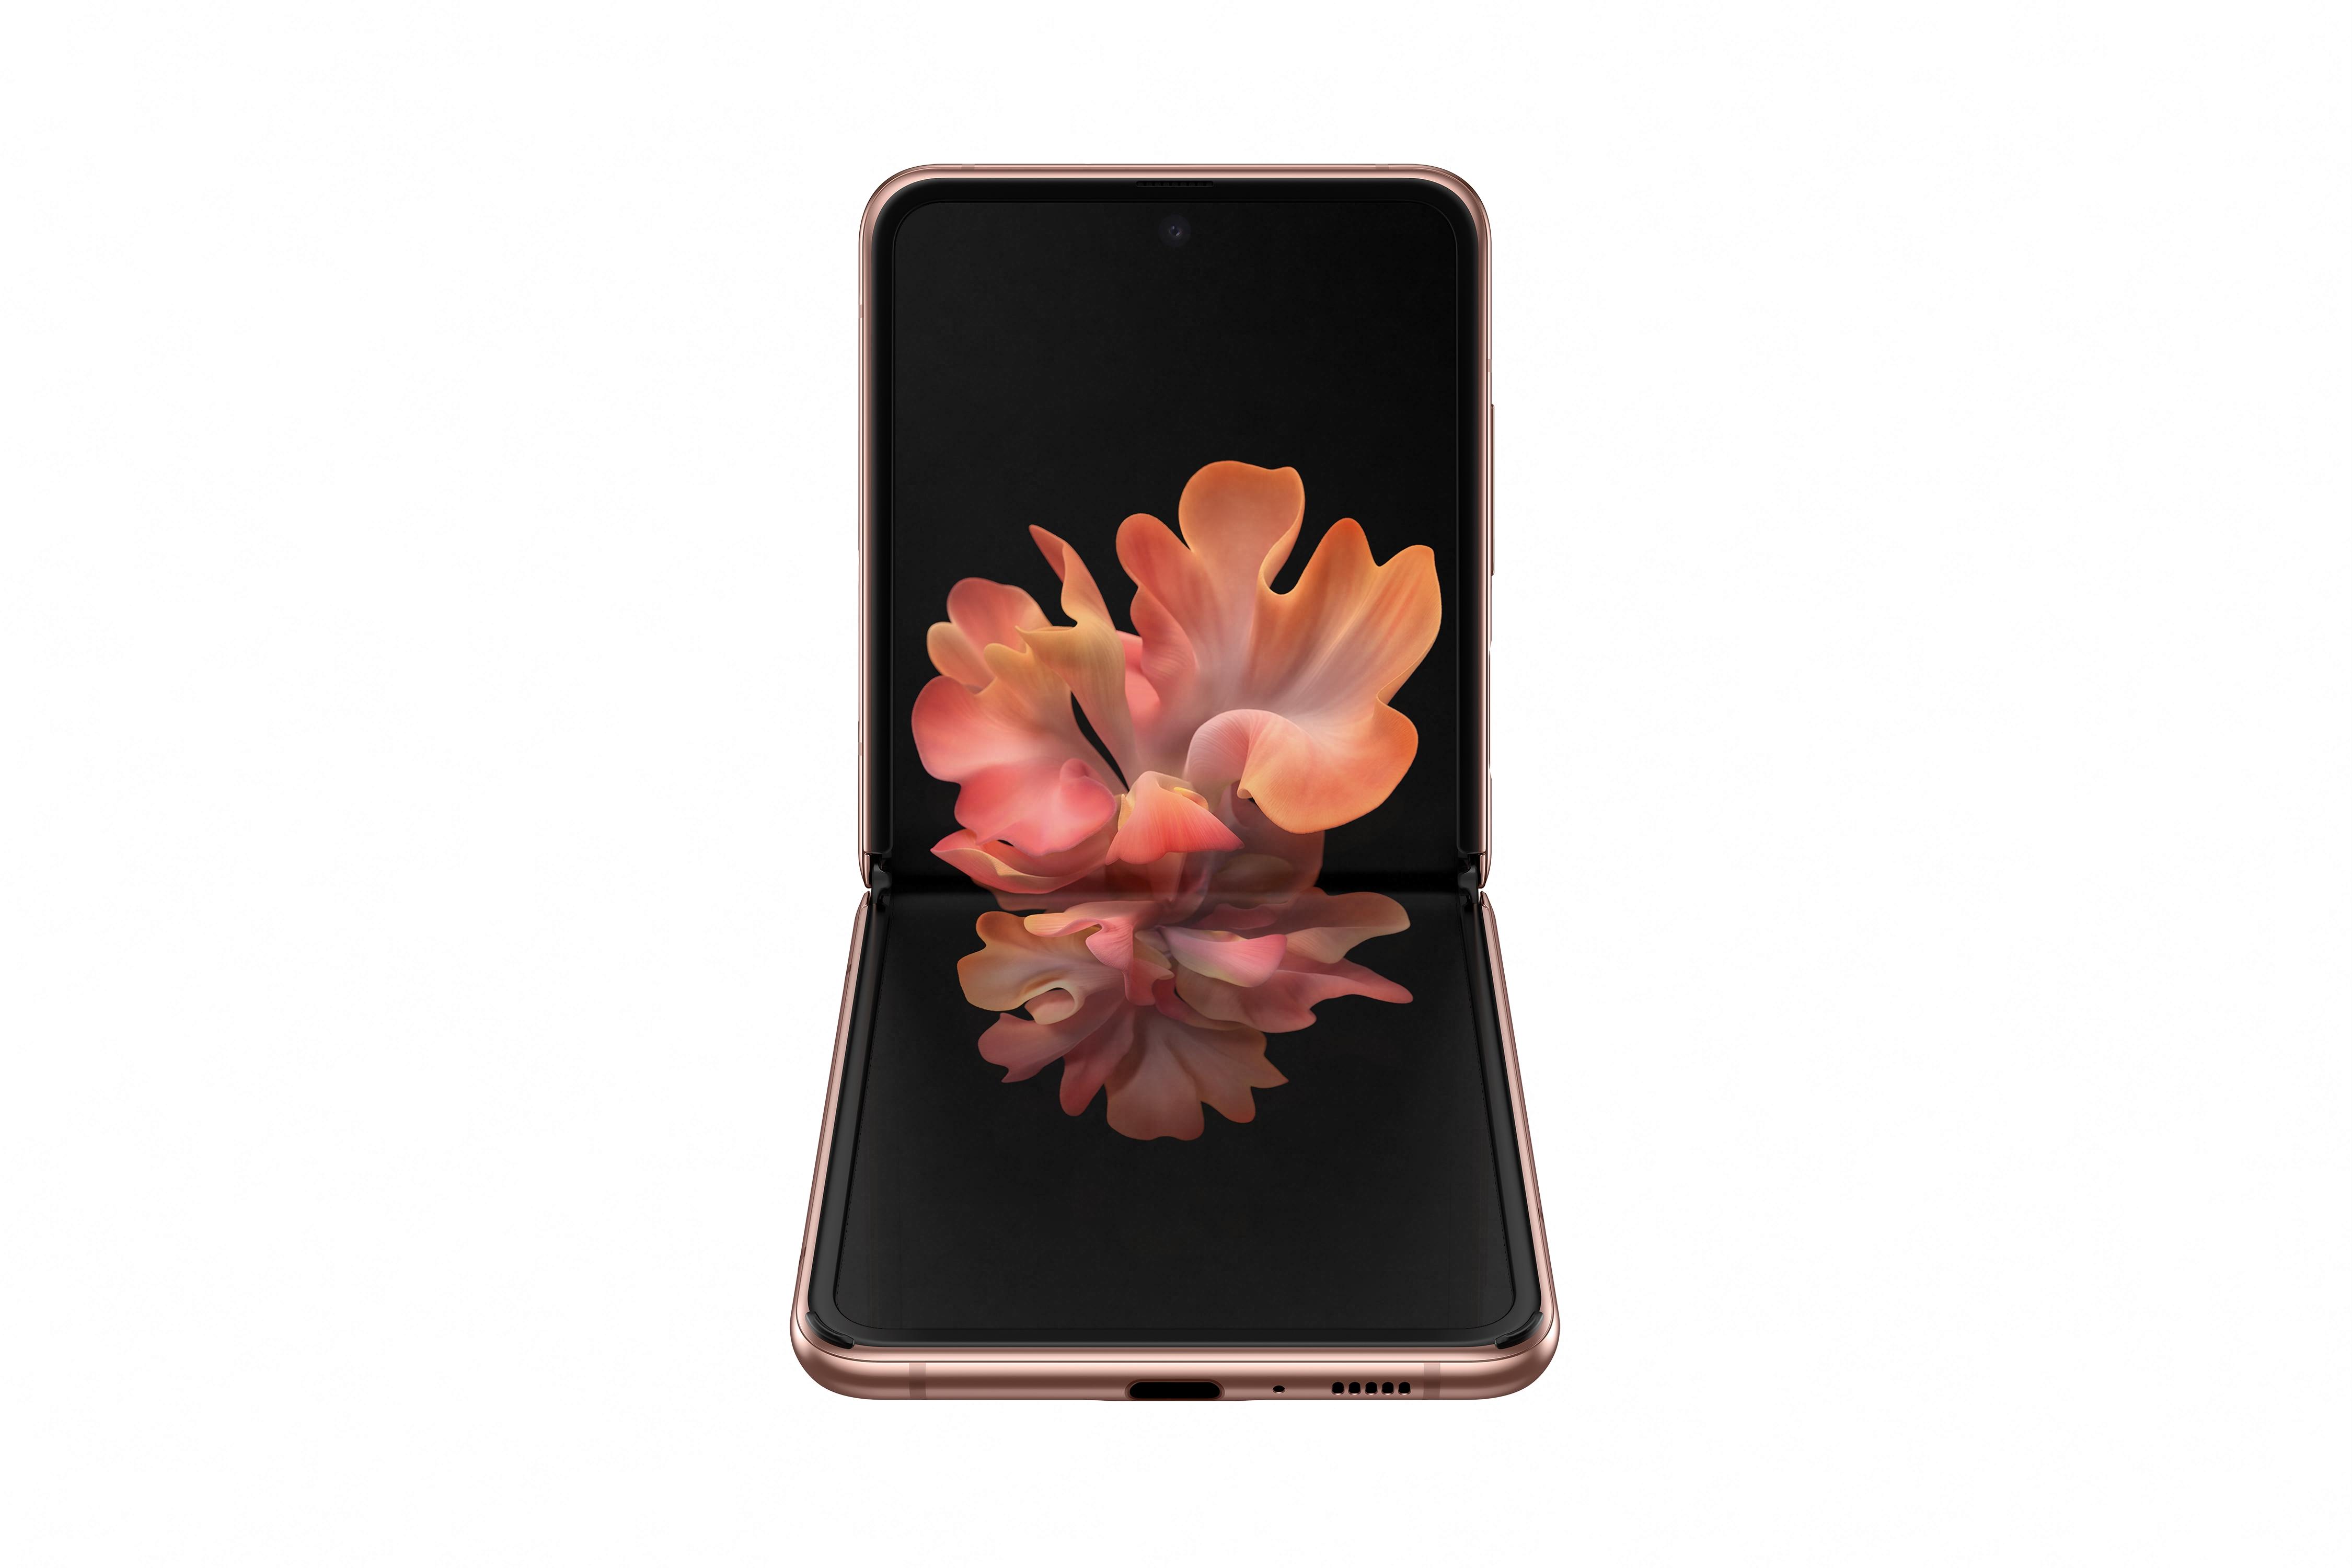 Galaxy Z Flip 5G è ufficiale: il primo smartphone di Samsung con Snapdragon 865 Plus 1